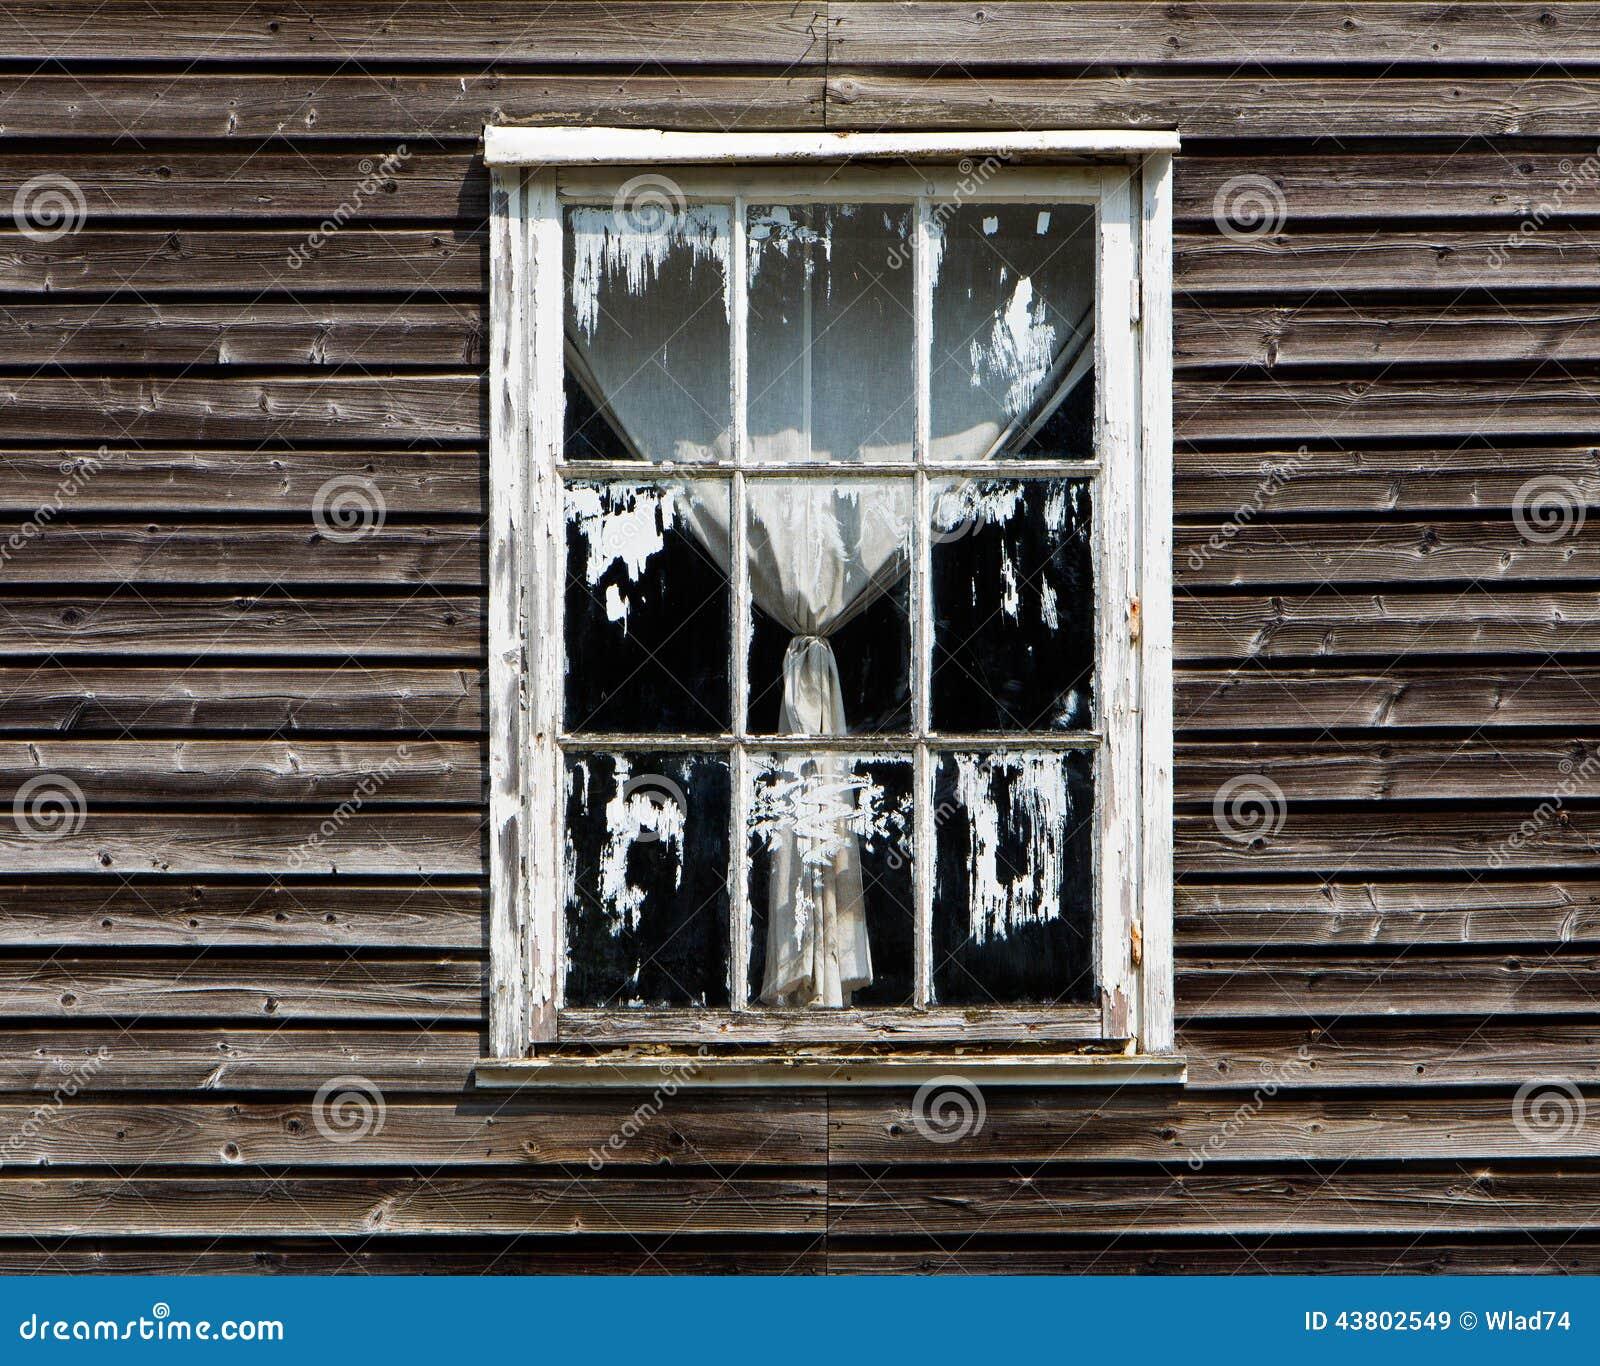 Vieille fen tre avec un rideau de maison en bois photo for Decoration avec vieille fenetre